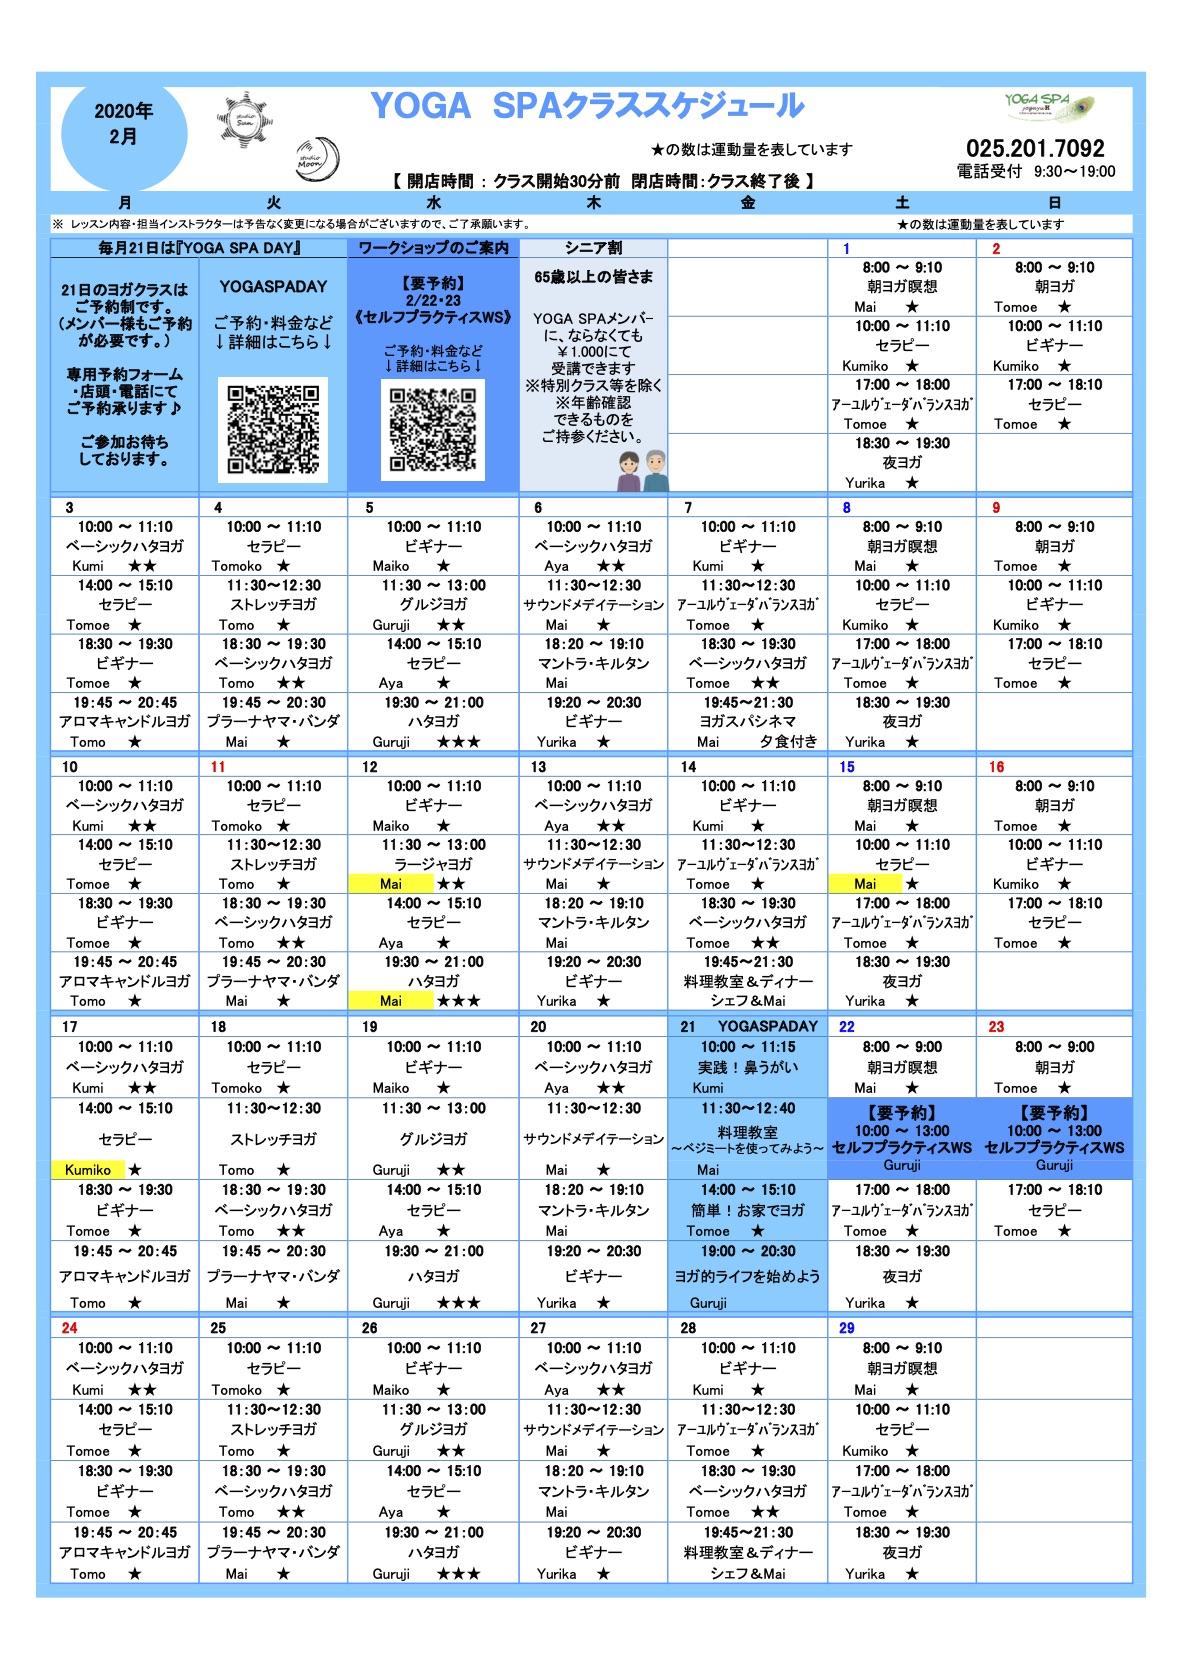 2月スケジュール表